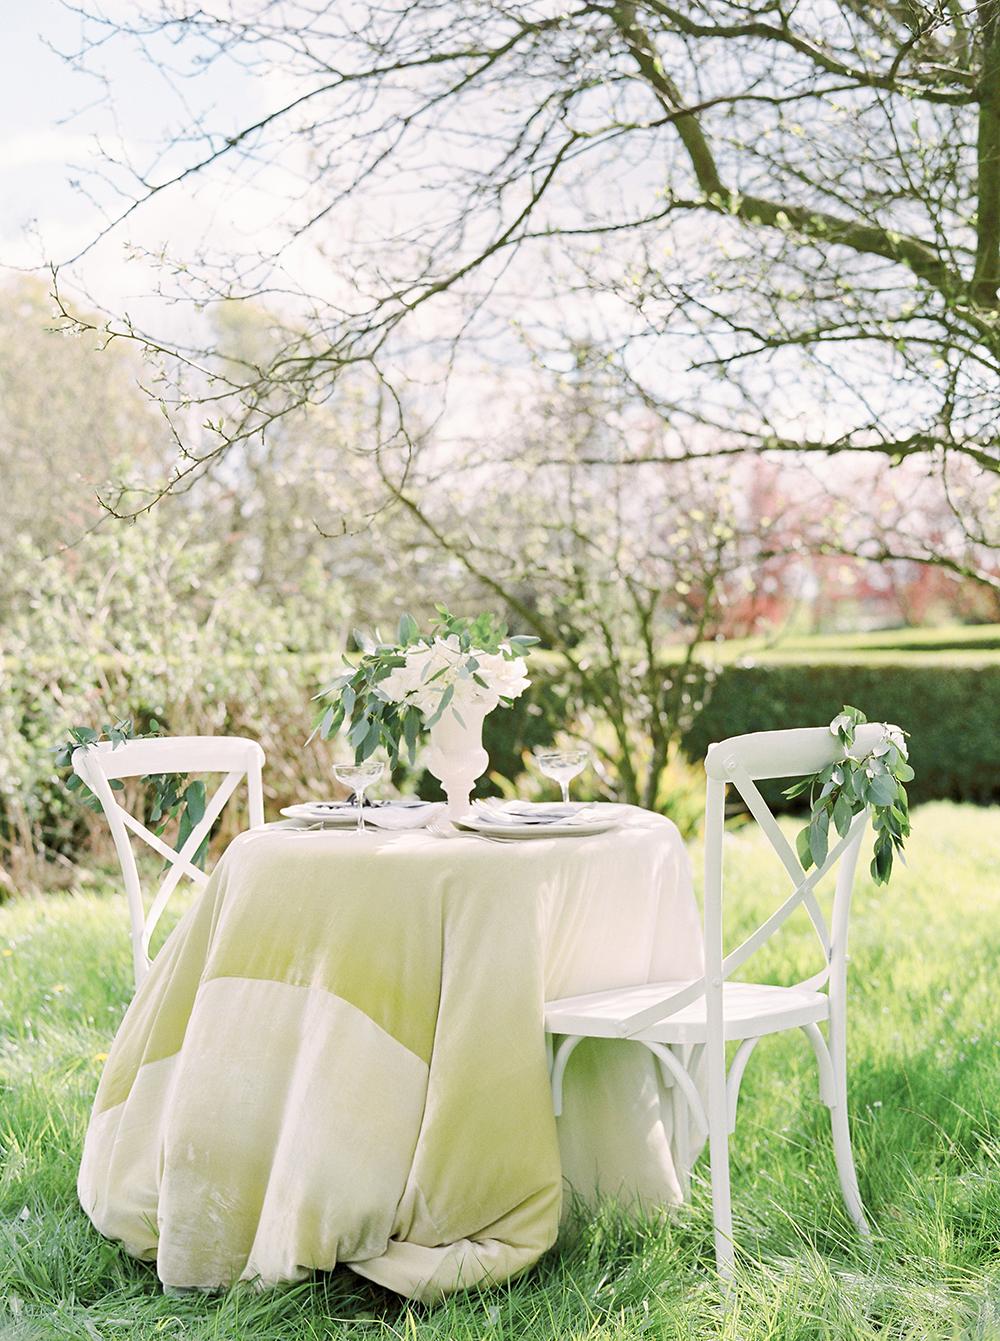 sweetheart table,al fresco wedding, outdoor wedding,wedding table for two,